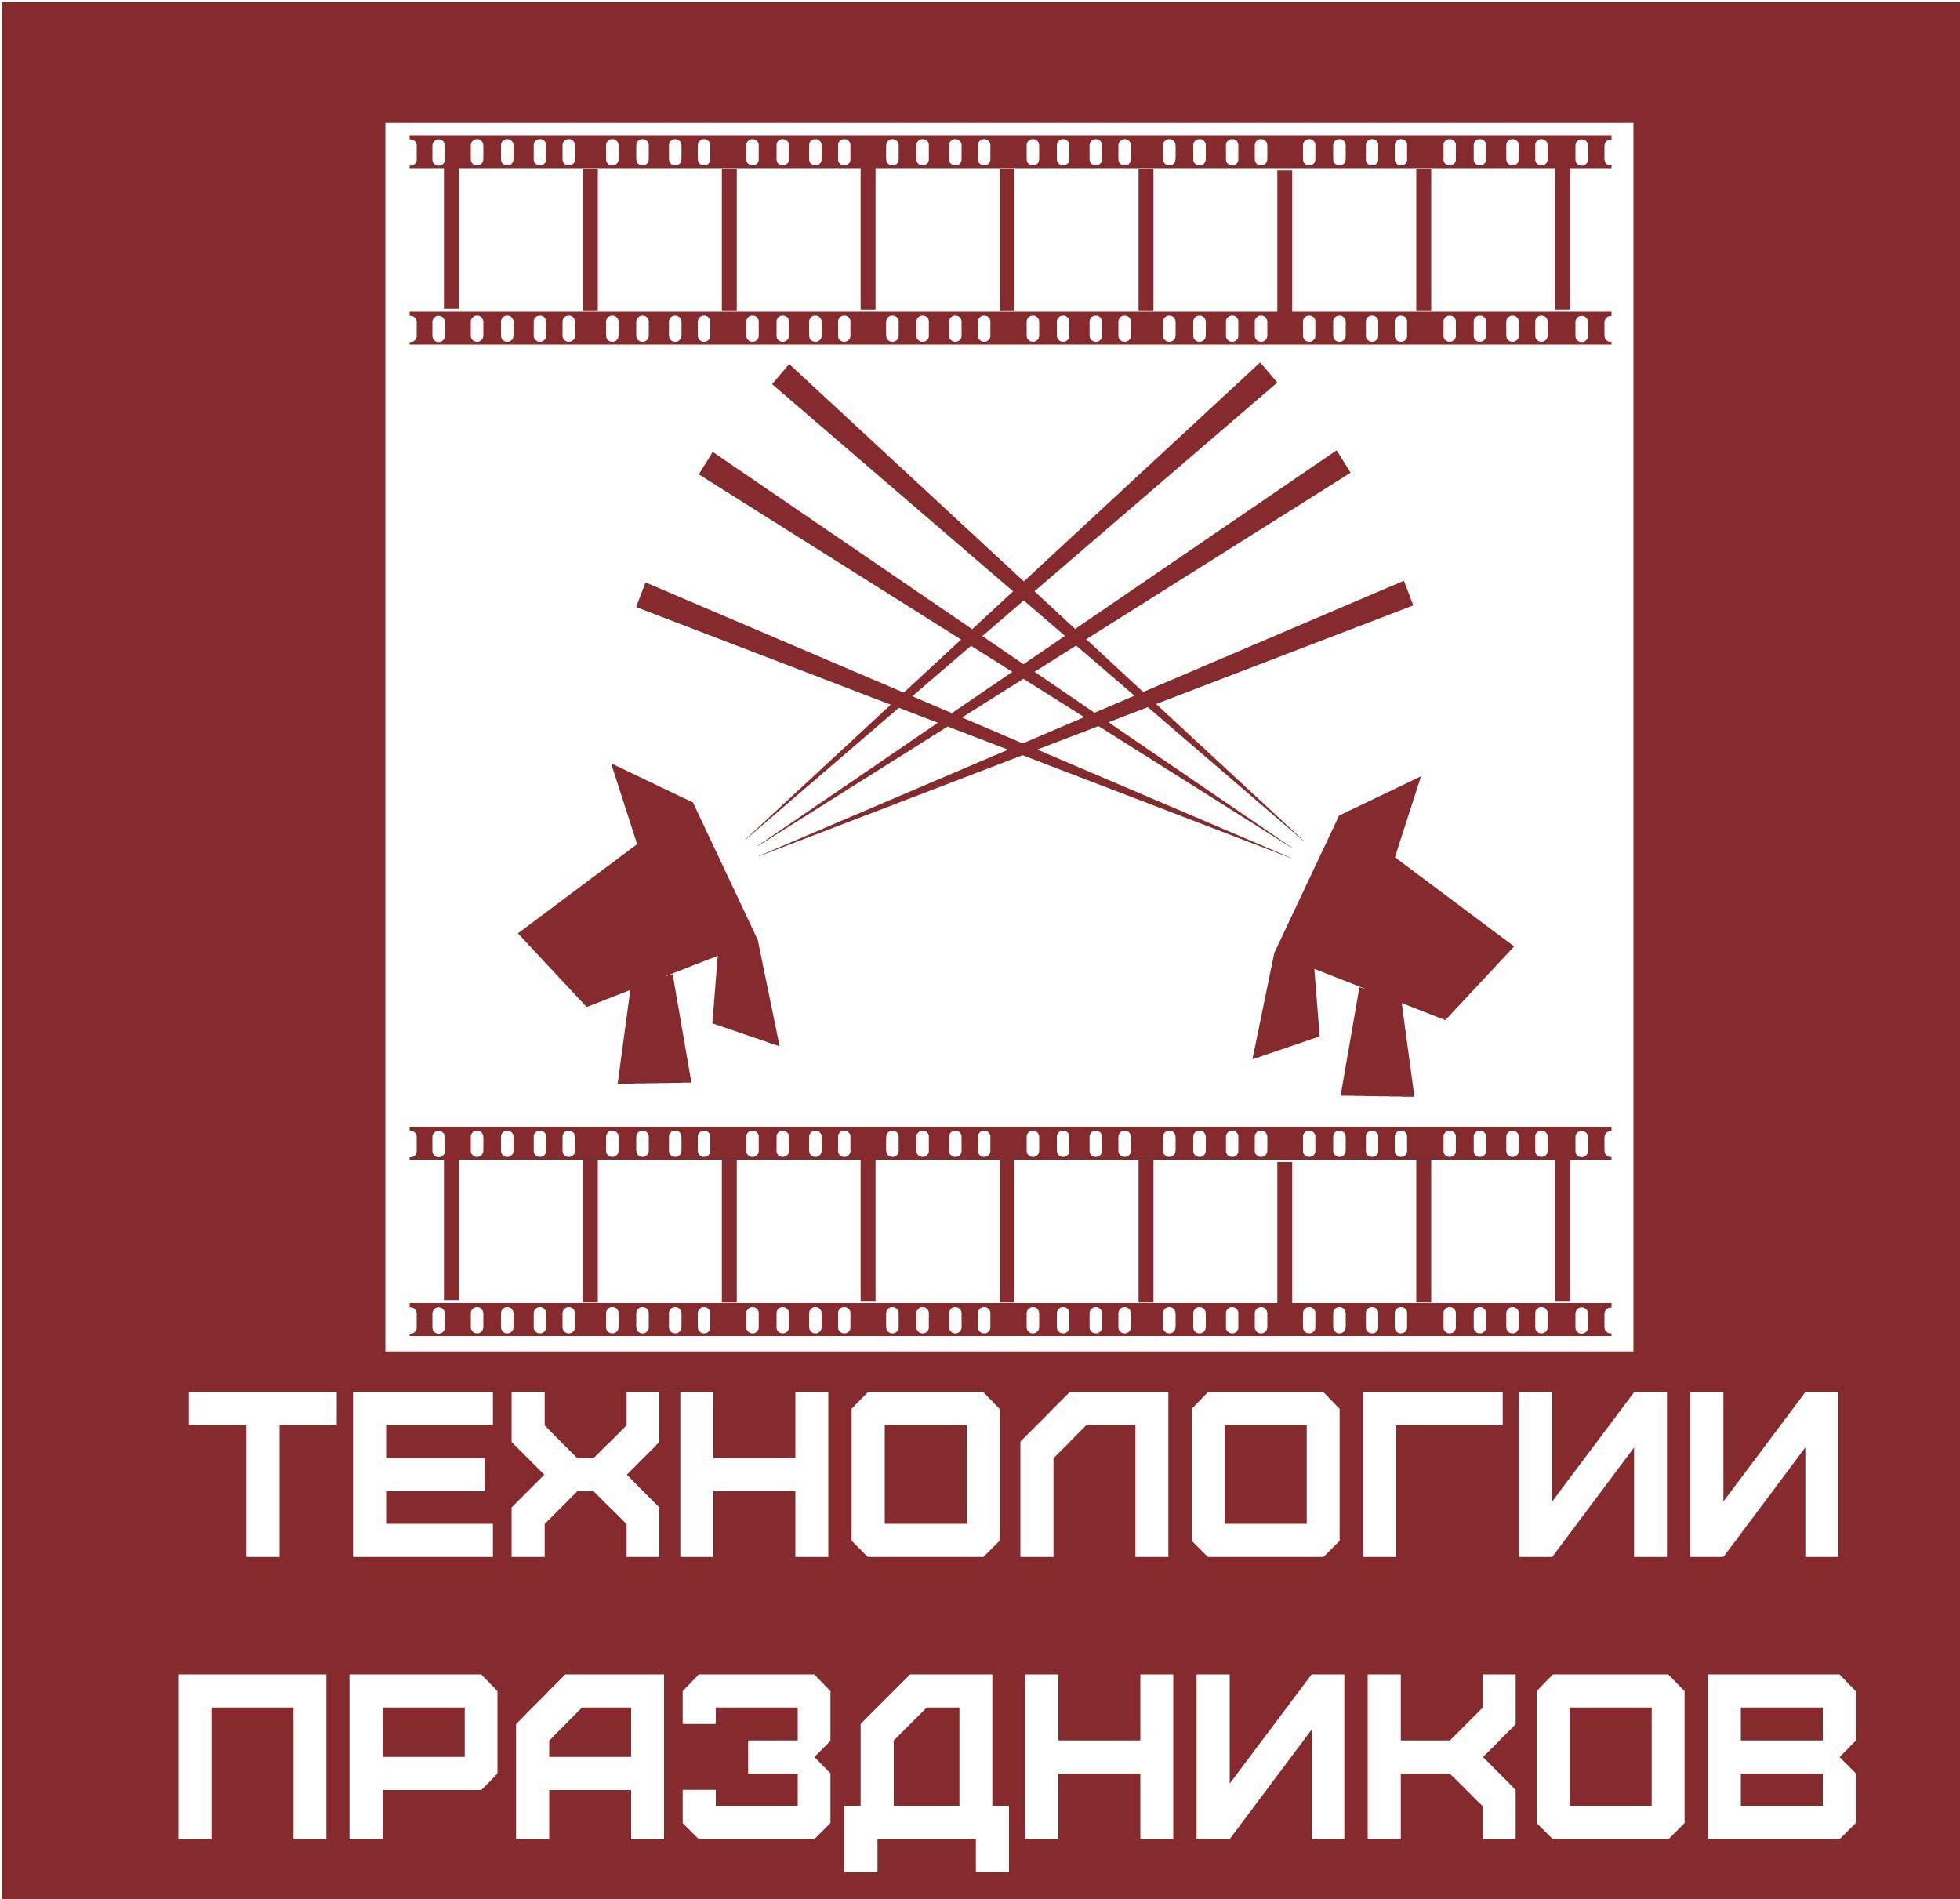 Придумать логотип и фирменный стиль - дизайнер Tissoul